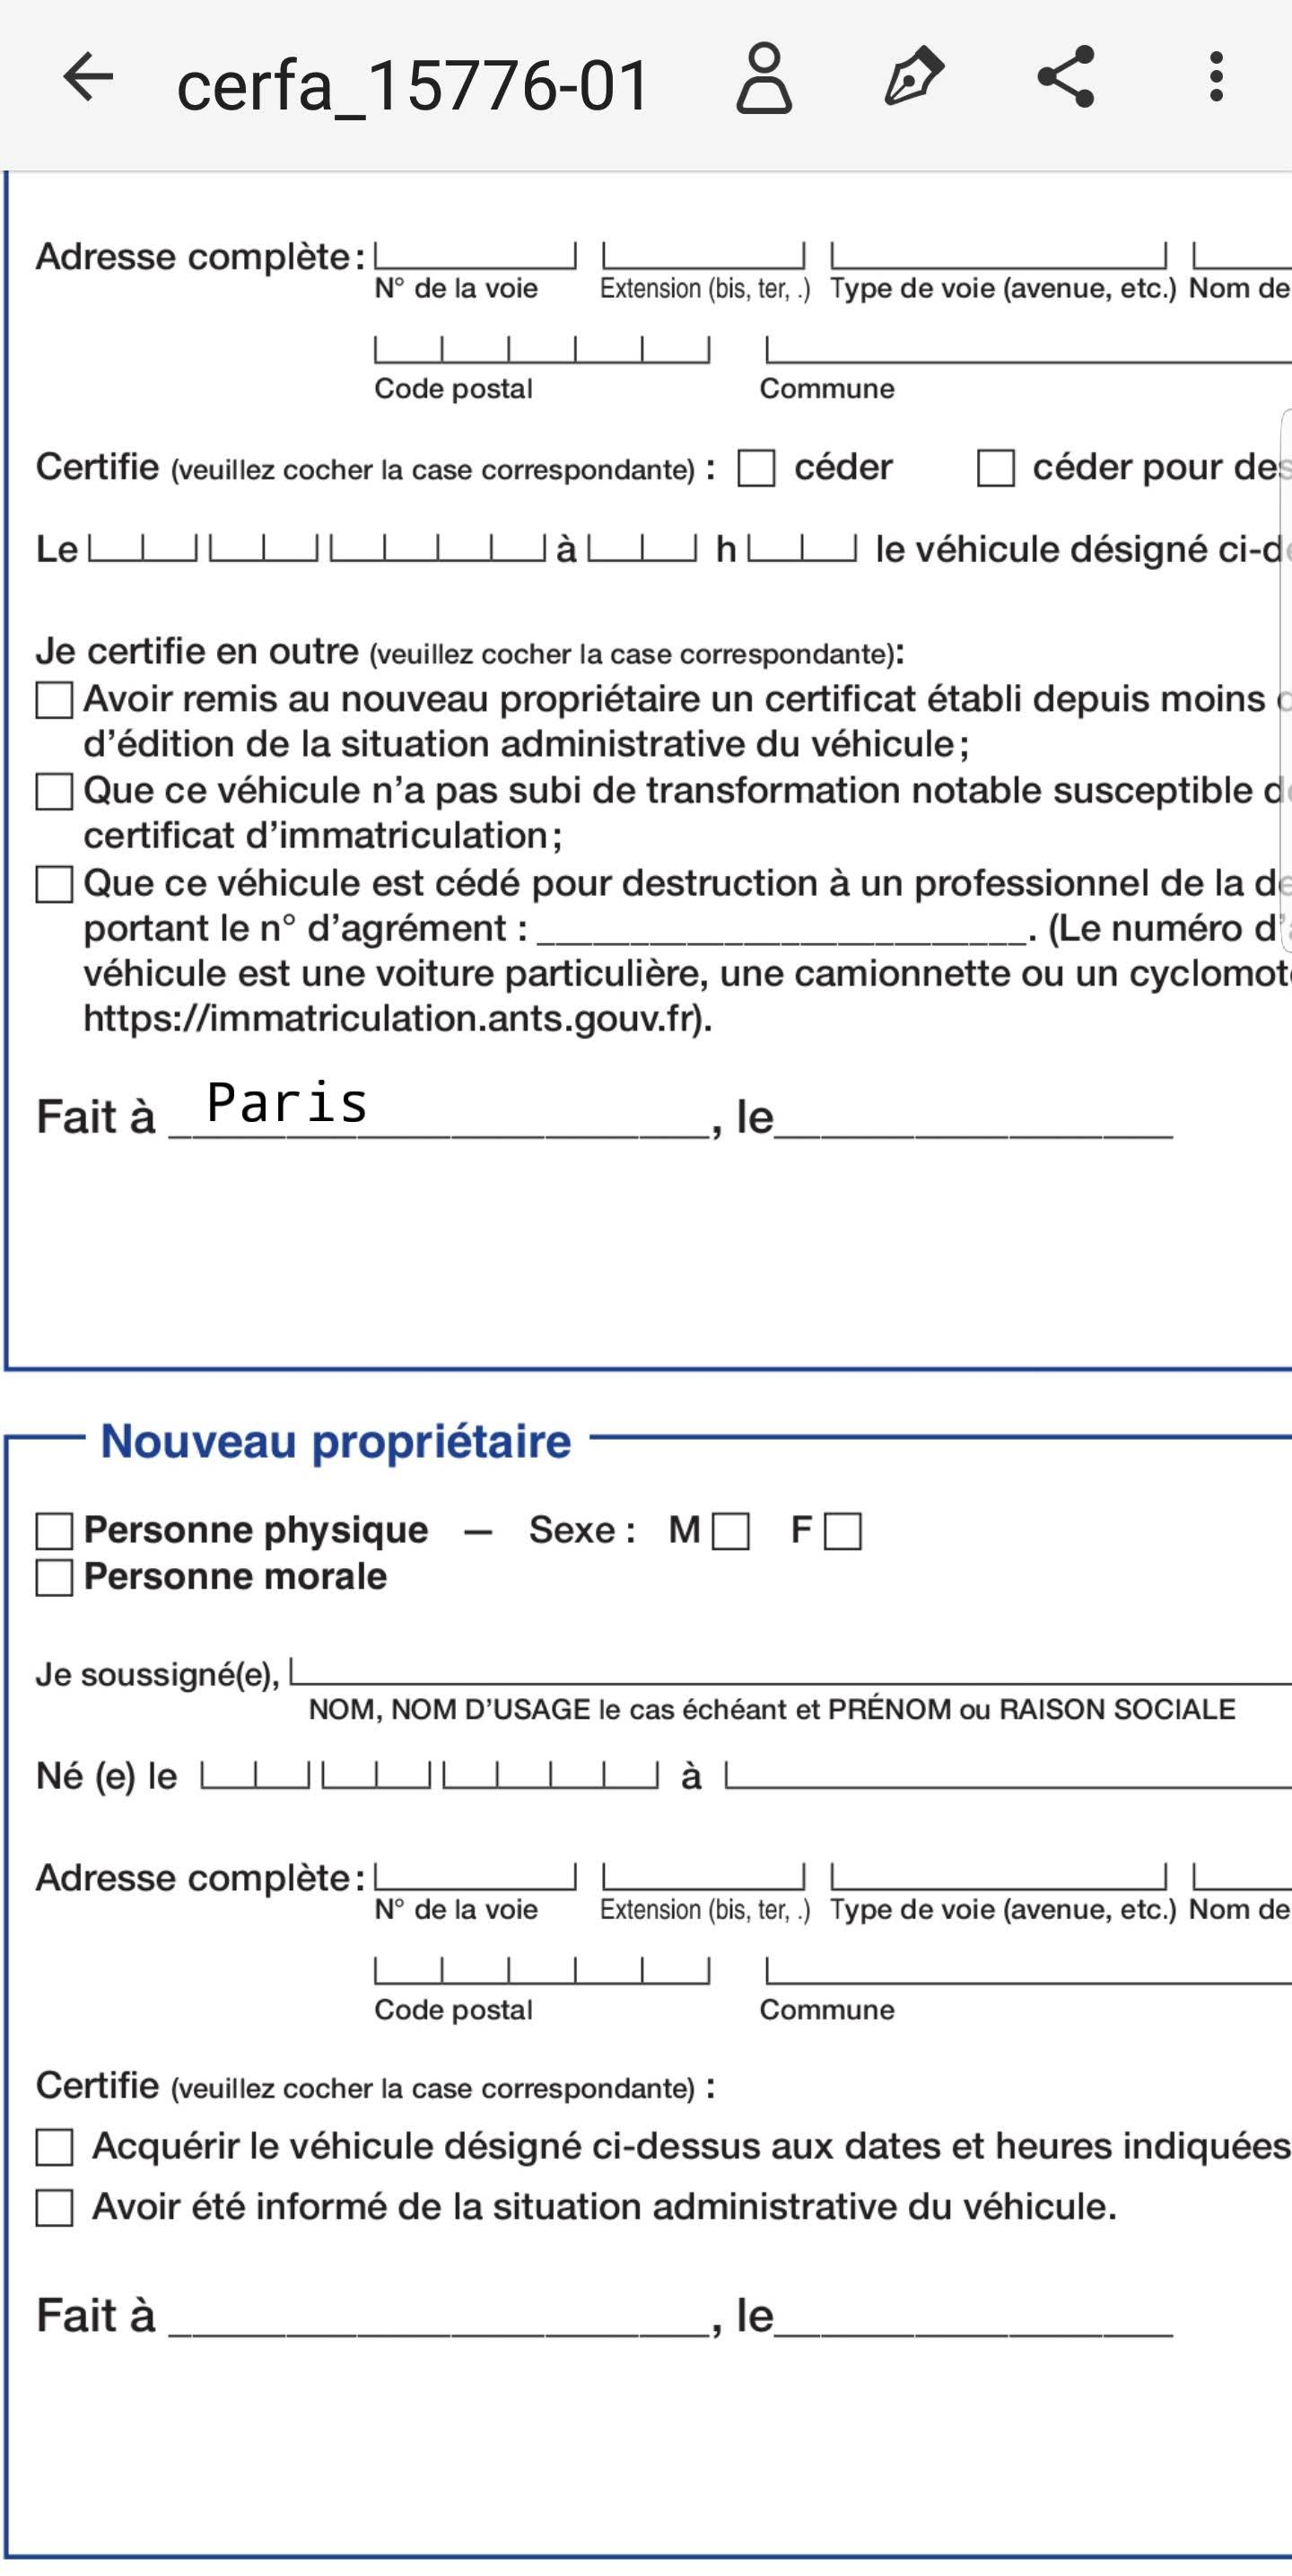 comment modifier un document pdf sur tahlette android